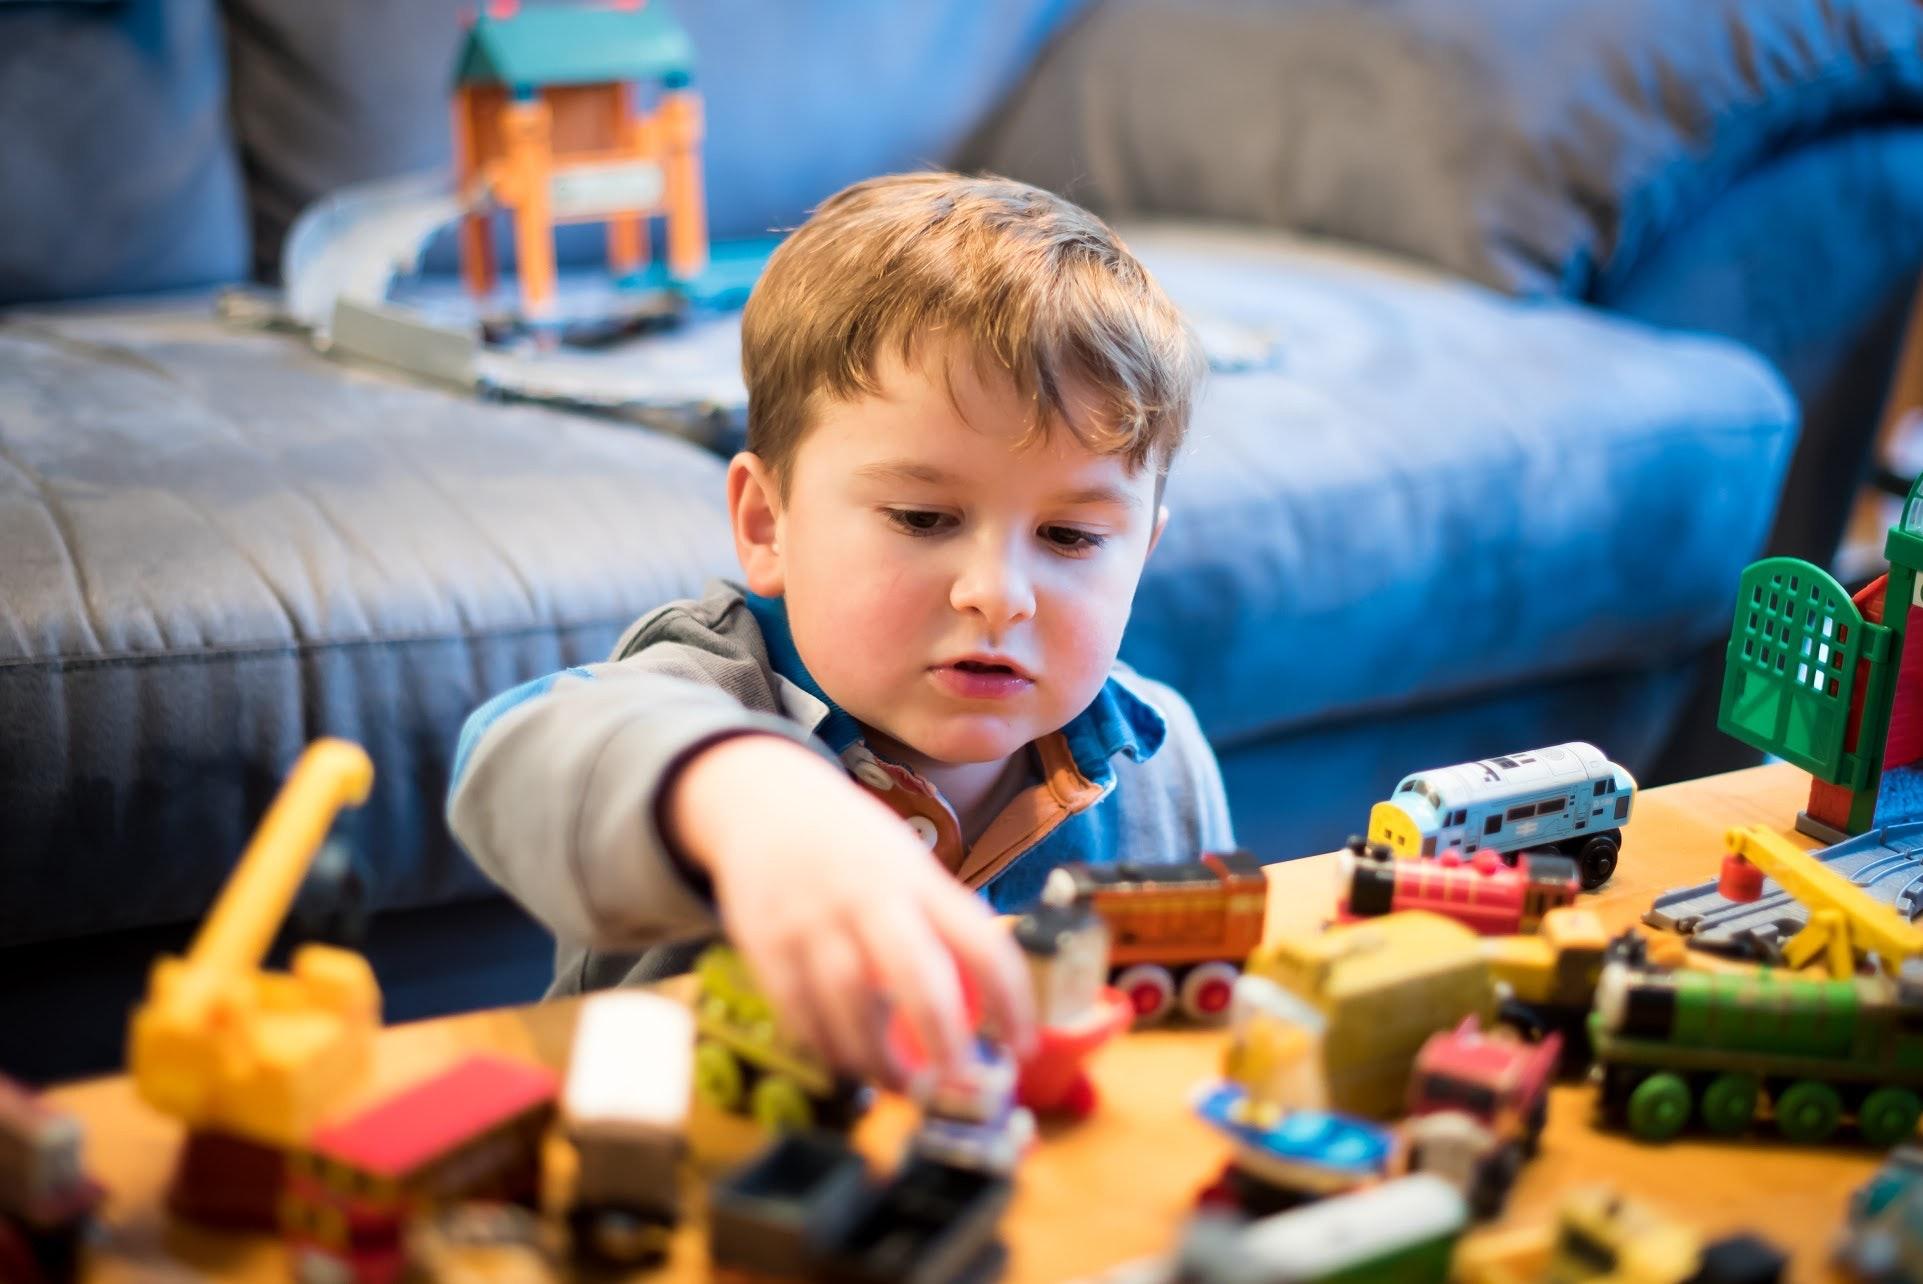 Troque brinquedos por experiências e crie belas memórias com seu filho